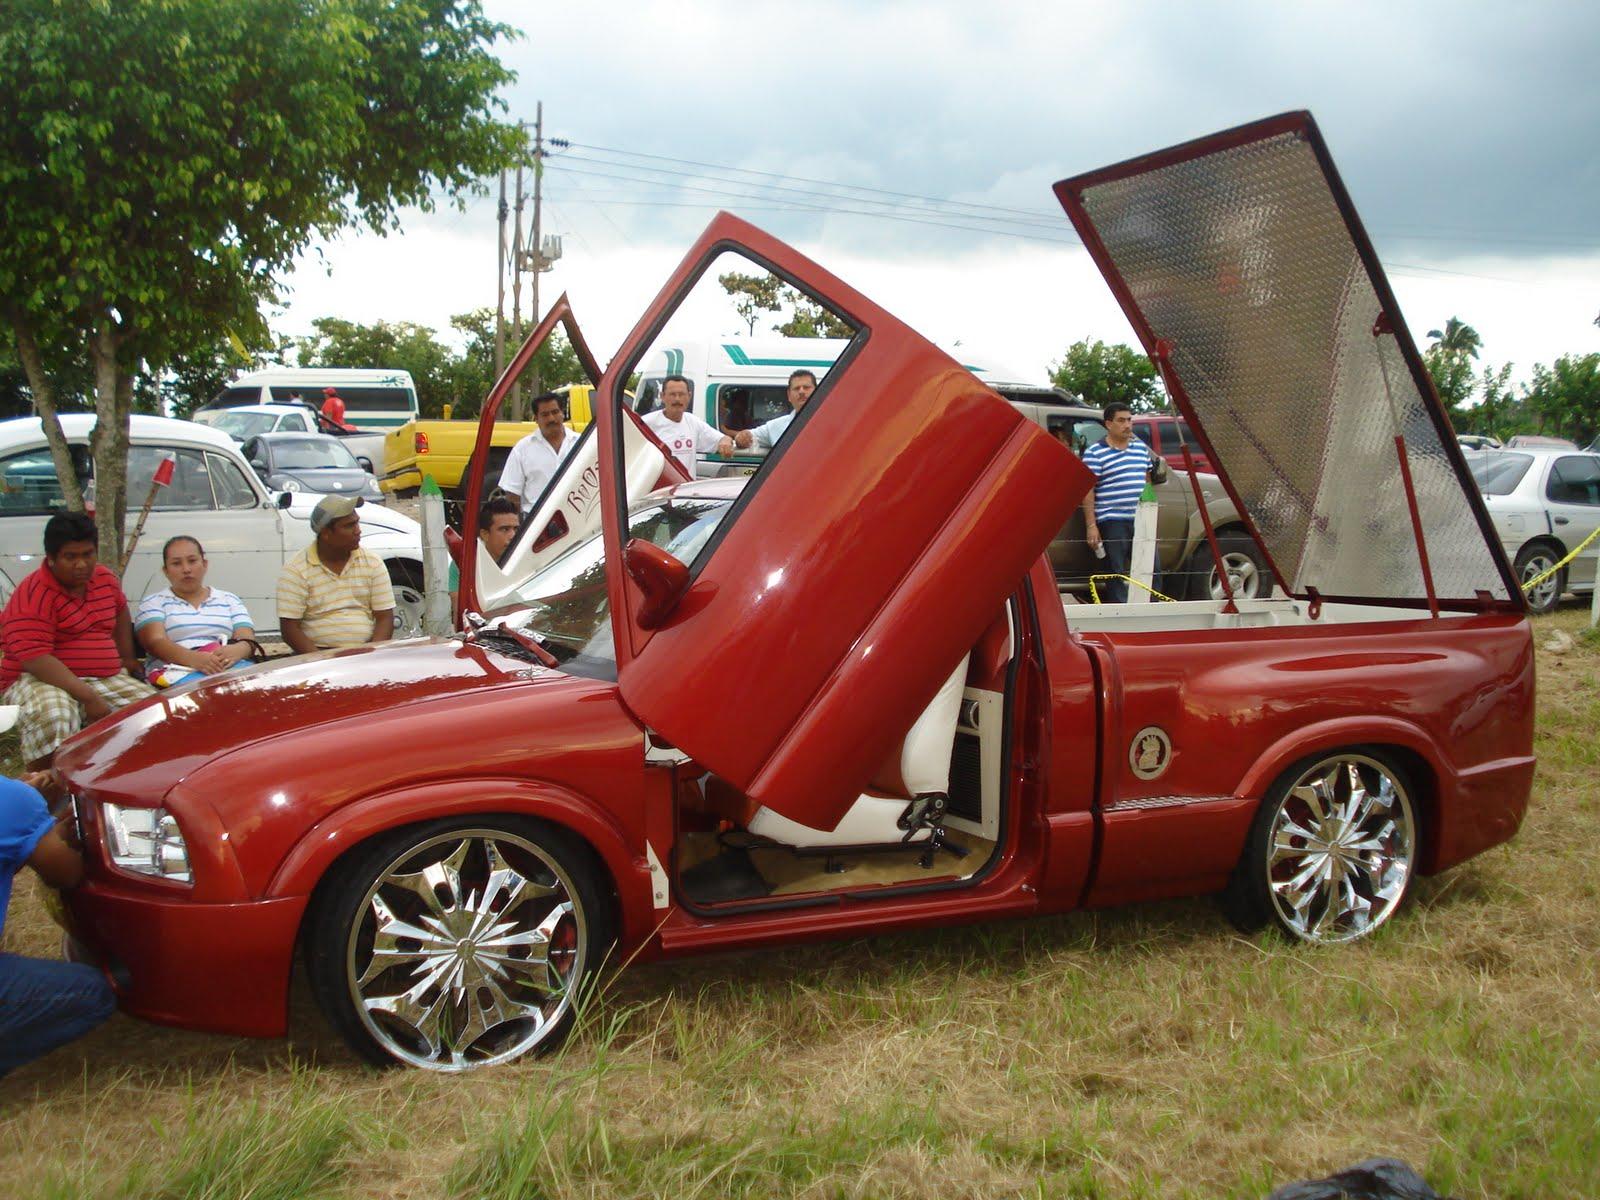 Trocas Modificados Camionetas Chevrolet Modificadas Expresin Revista Do Car Show Tunin 1600x1200